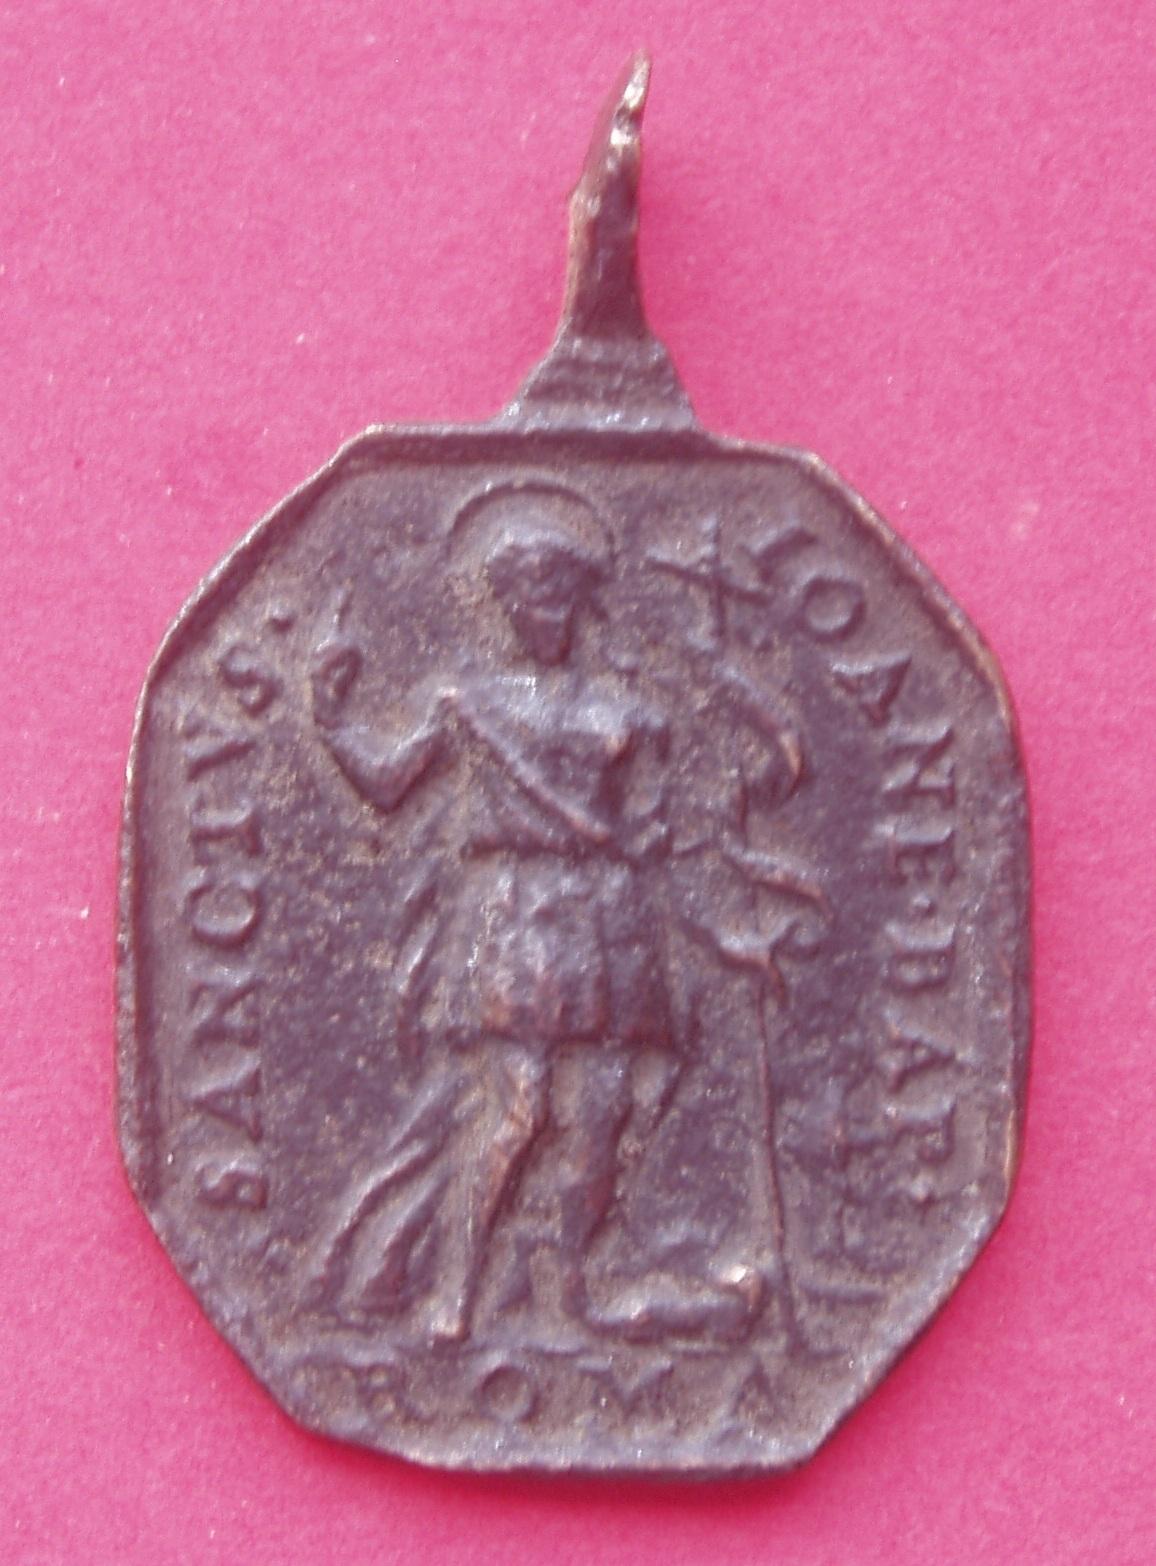 Medalla de Santa María y San Juan Bautista. 2m35o2u